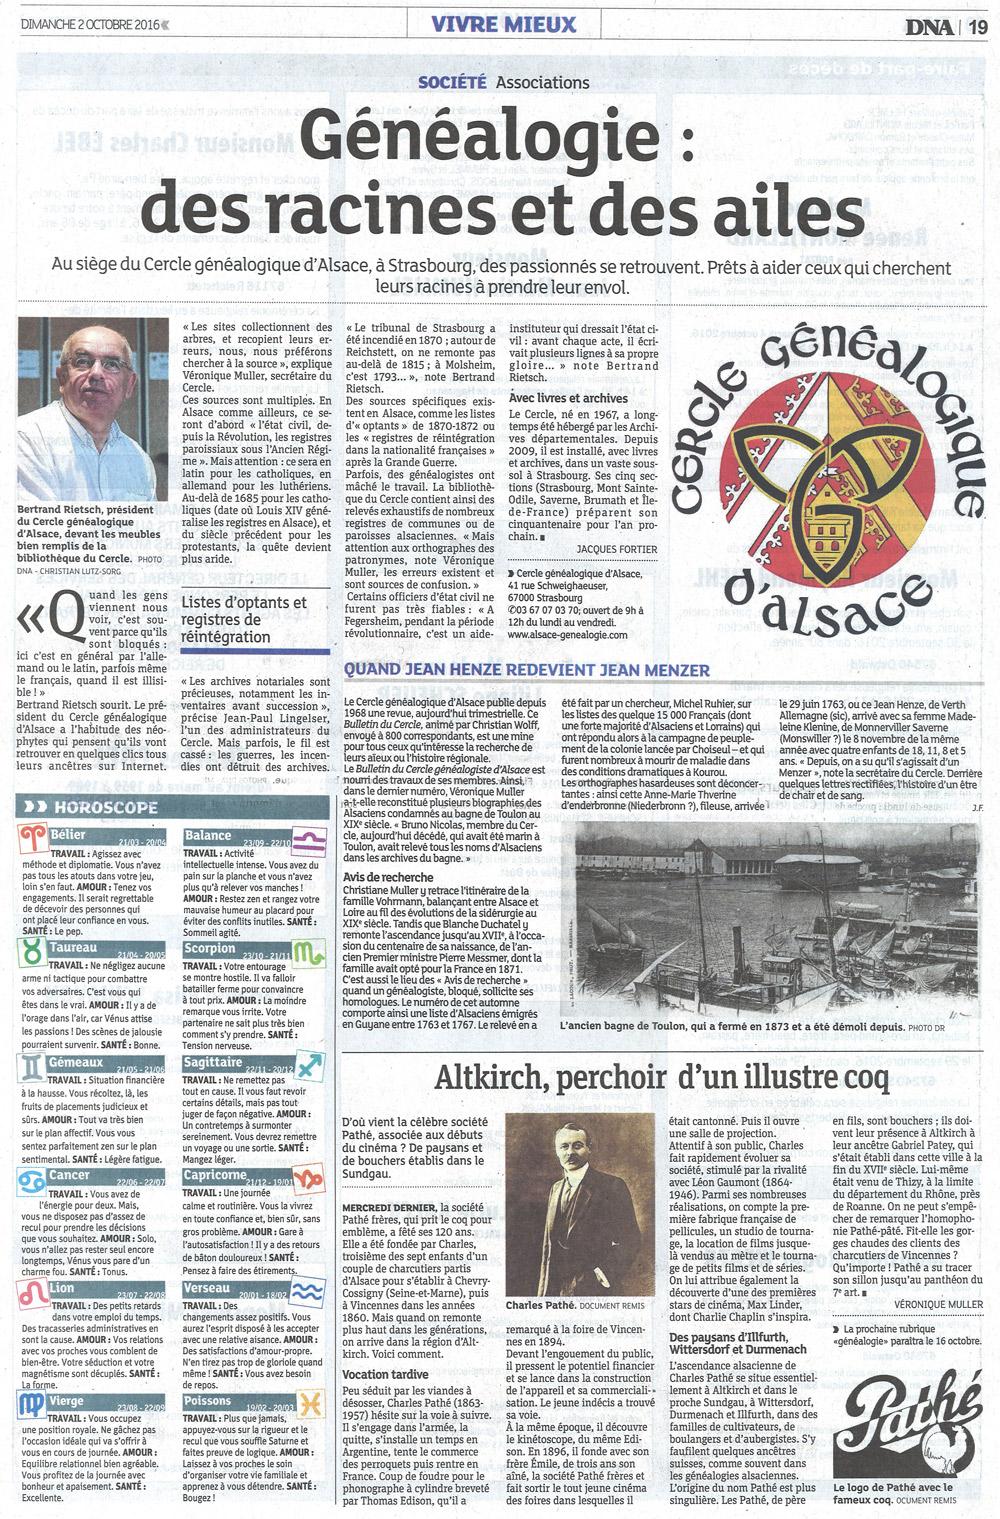 DNA 2 octobre 2016 - article Cercle Généalogique d'Alsace - M.Bertrand Rietsch